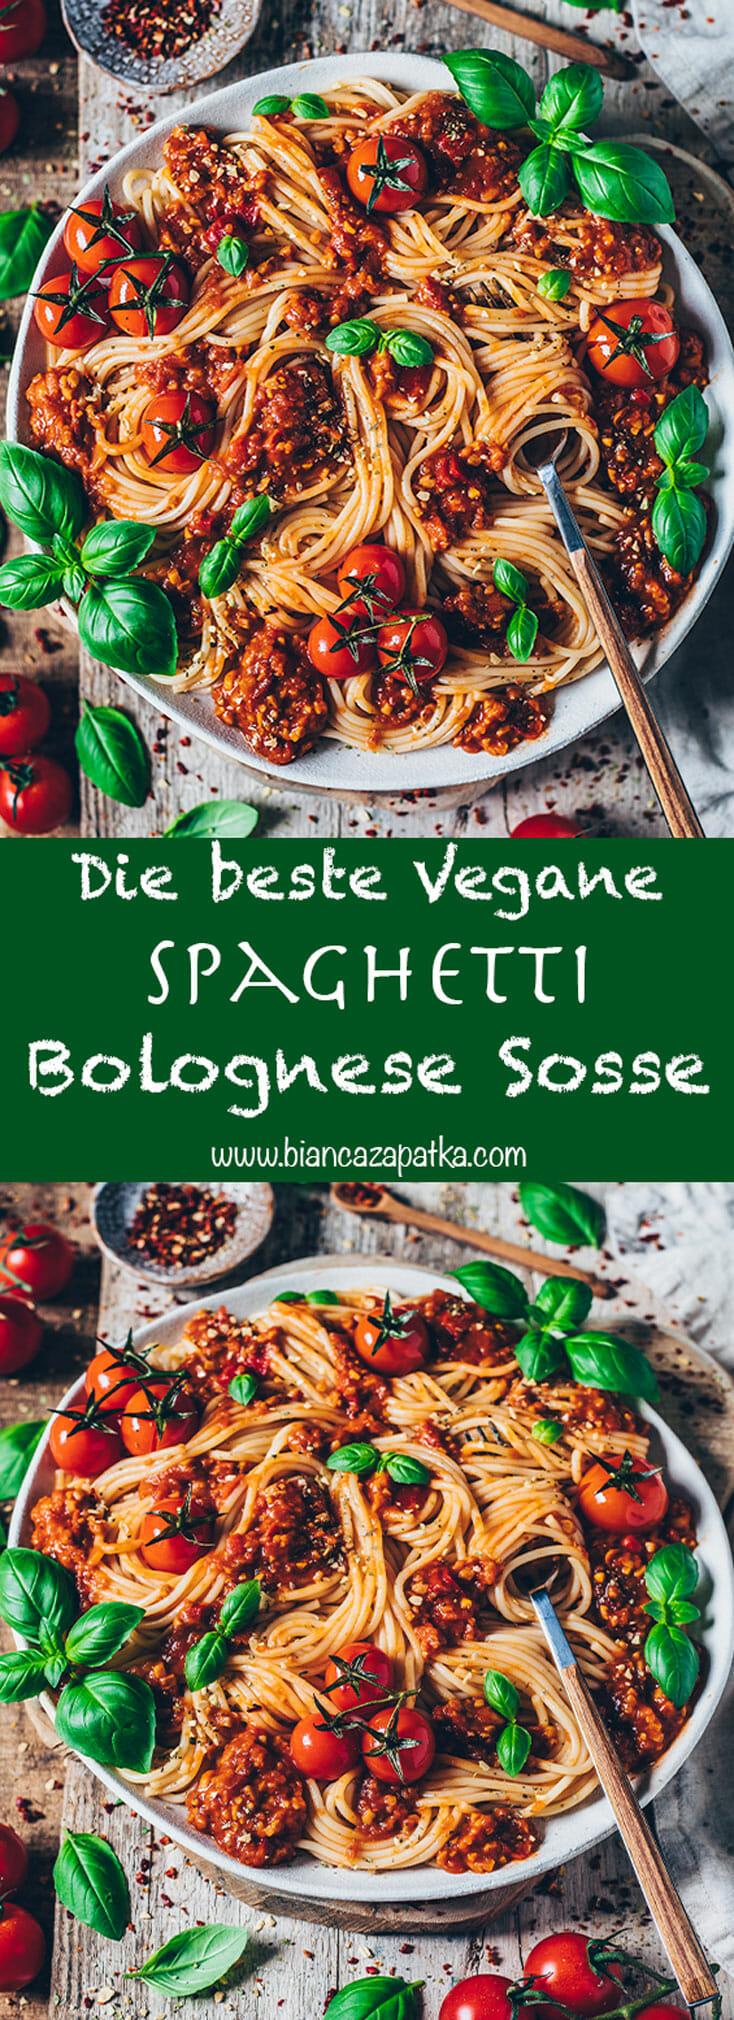 Vegane Spaghetti Bolognese Pasta Soße